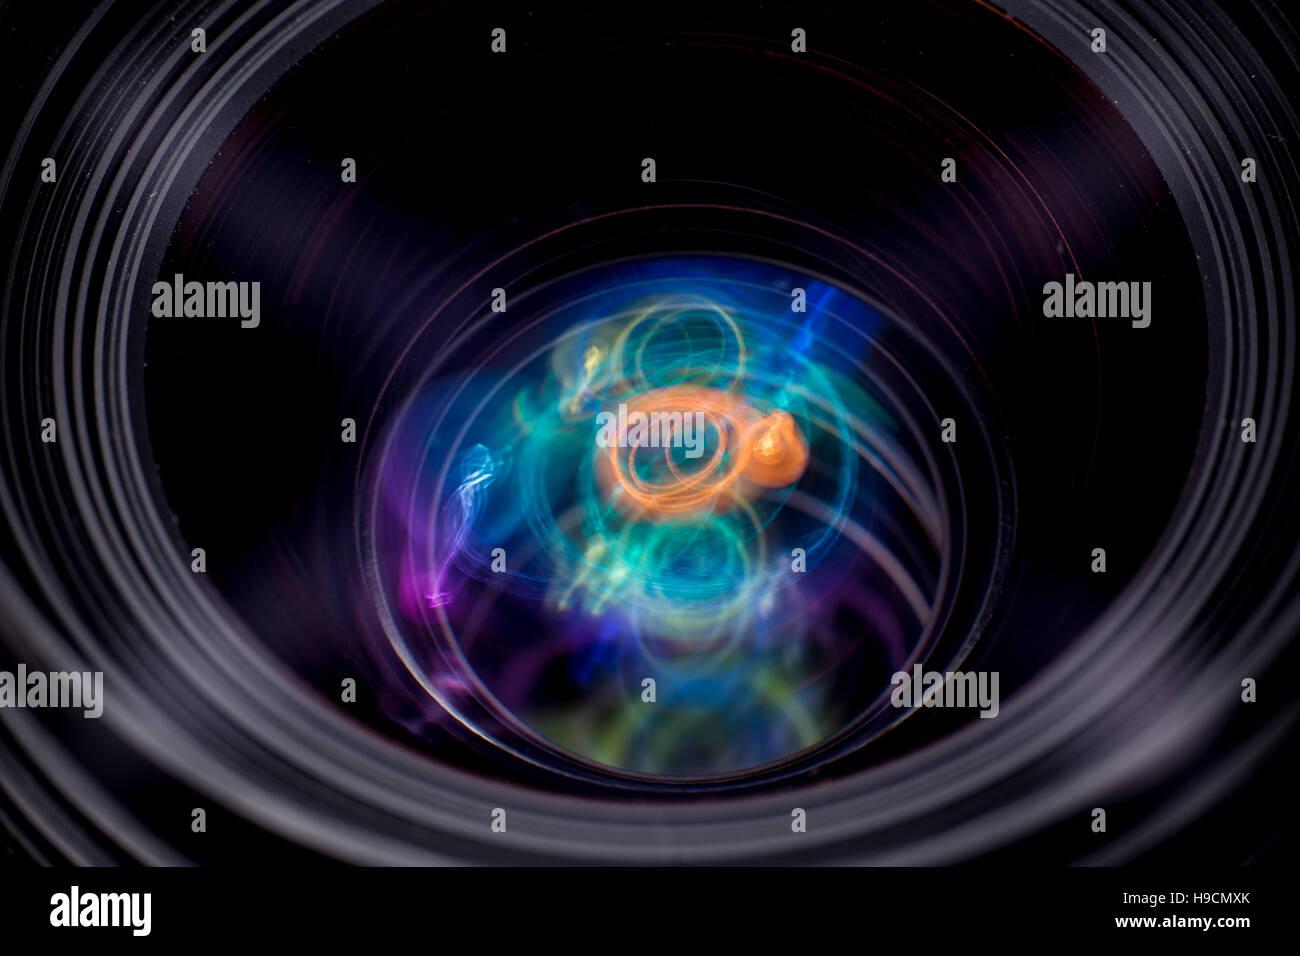 Plasma like reflections - Stock Image